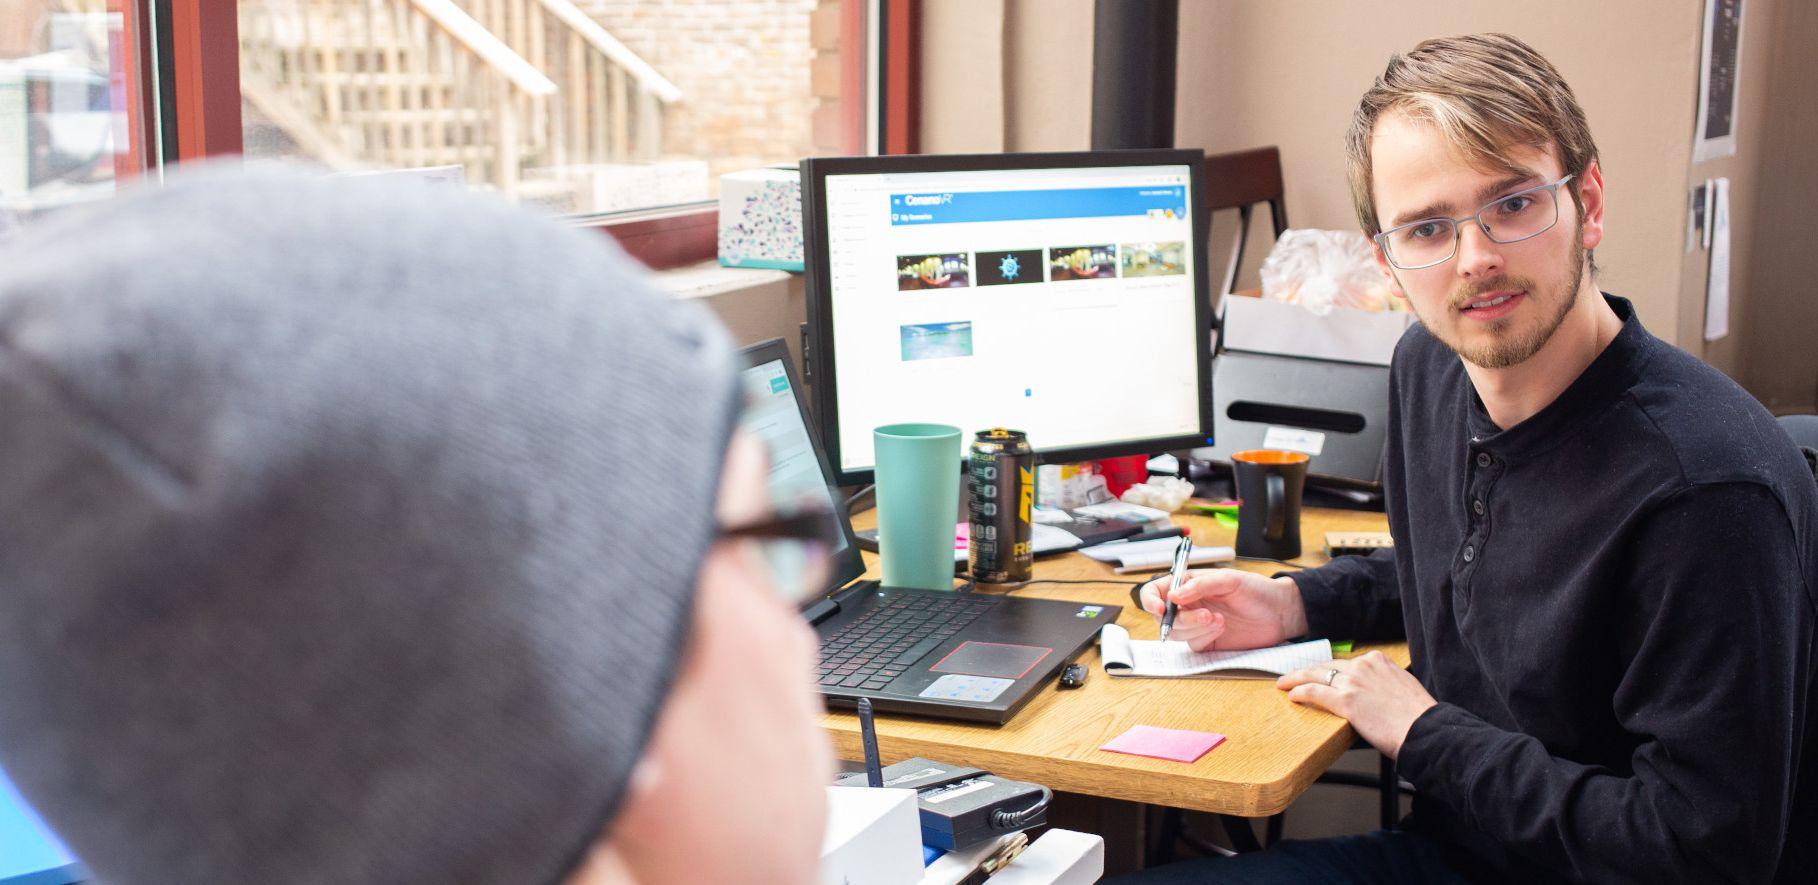 RegattaVR employees discuss a project.